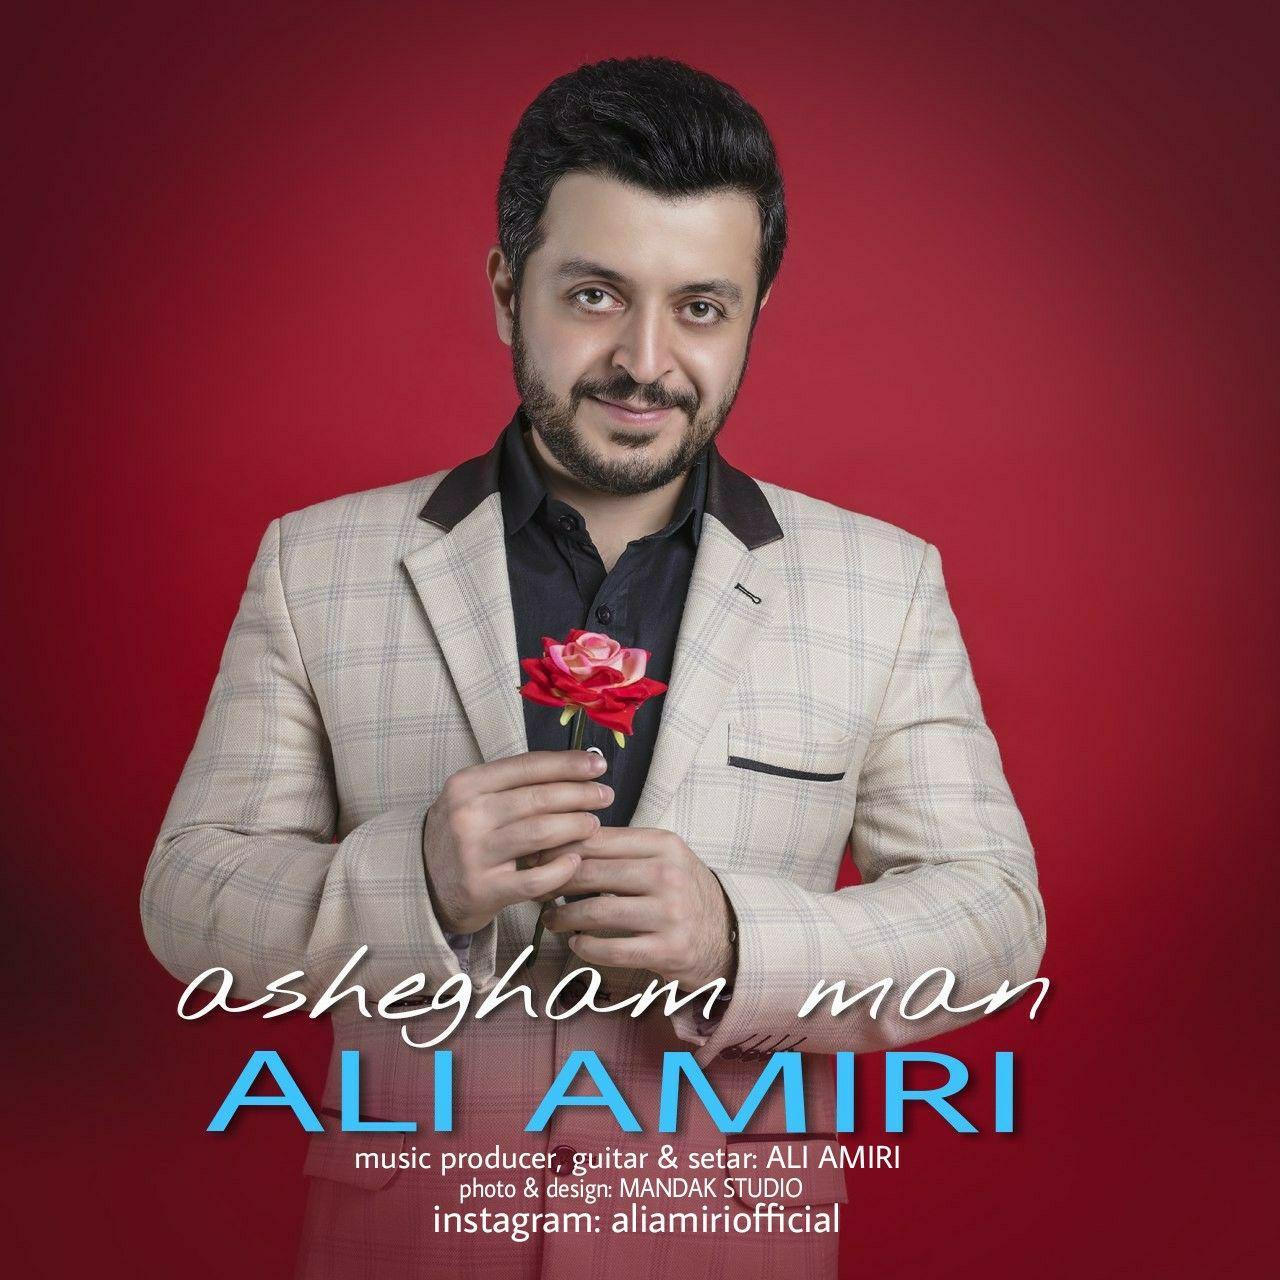 Ali Amiri – Ashegham Man